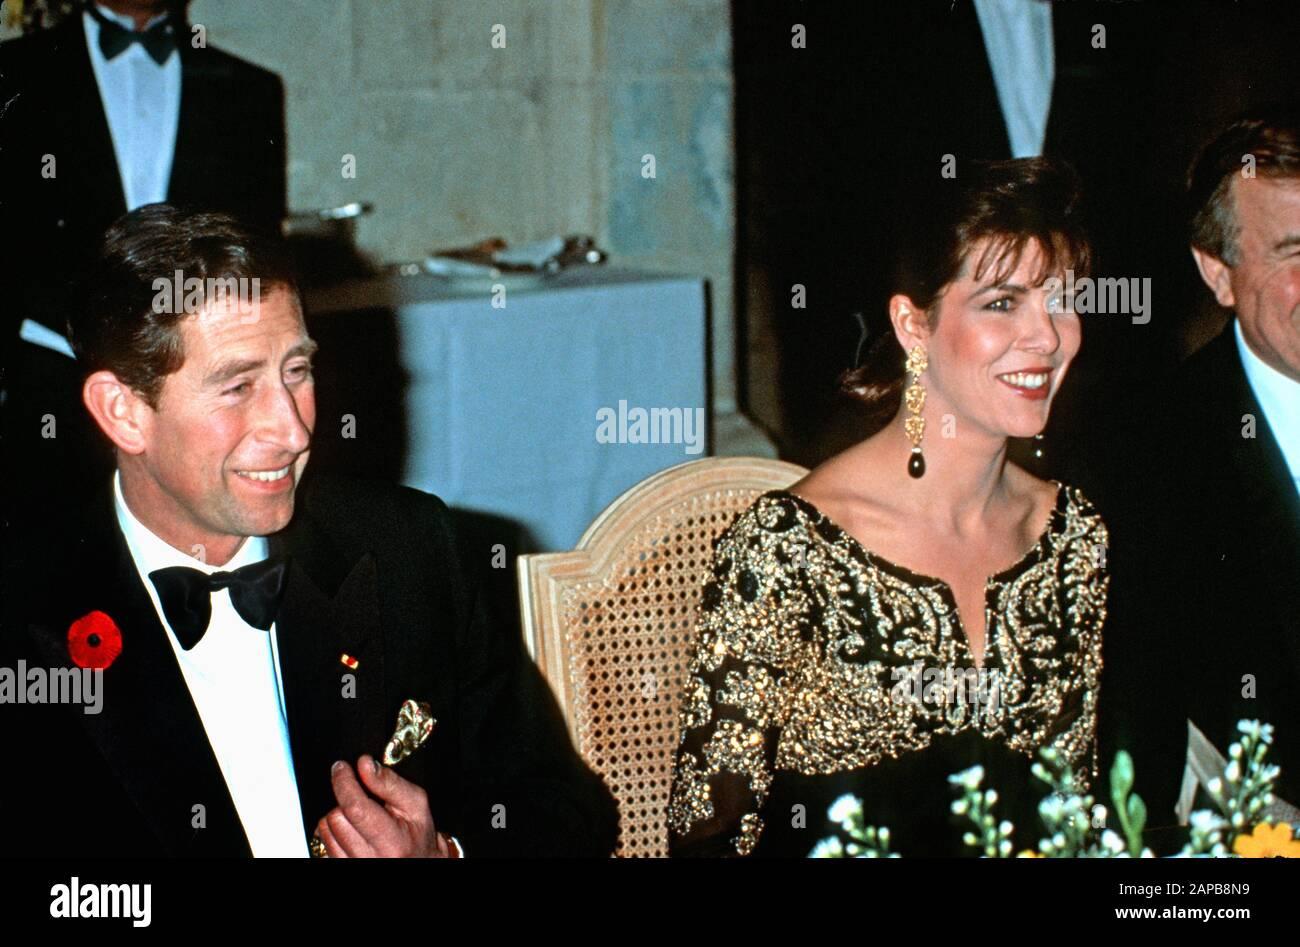 la-princesa-hsh-caroline-de-monaco-y-el-principe-hdh-charles-asisten-a-una-cena-en-el-chateau-de-chambord-durante-su-gira-real-de-francia-noviembre-de-1988-2apb8n9.jpg